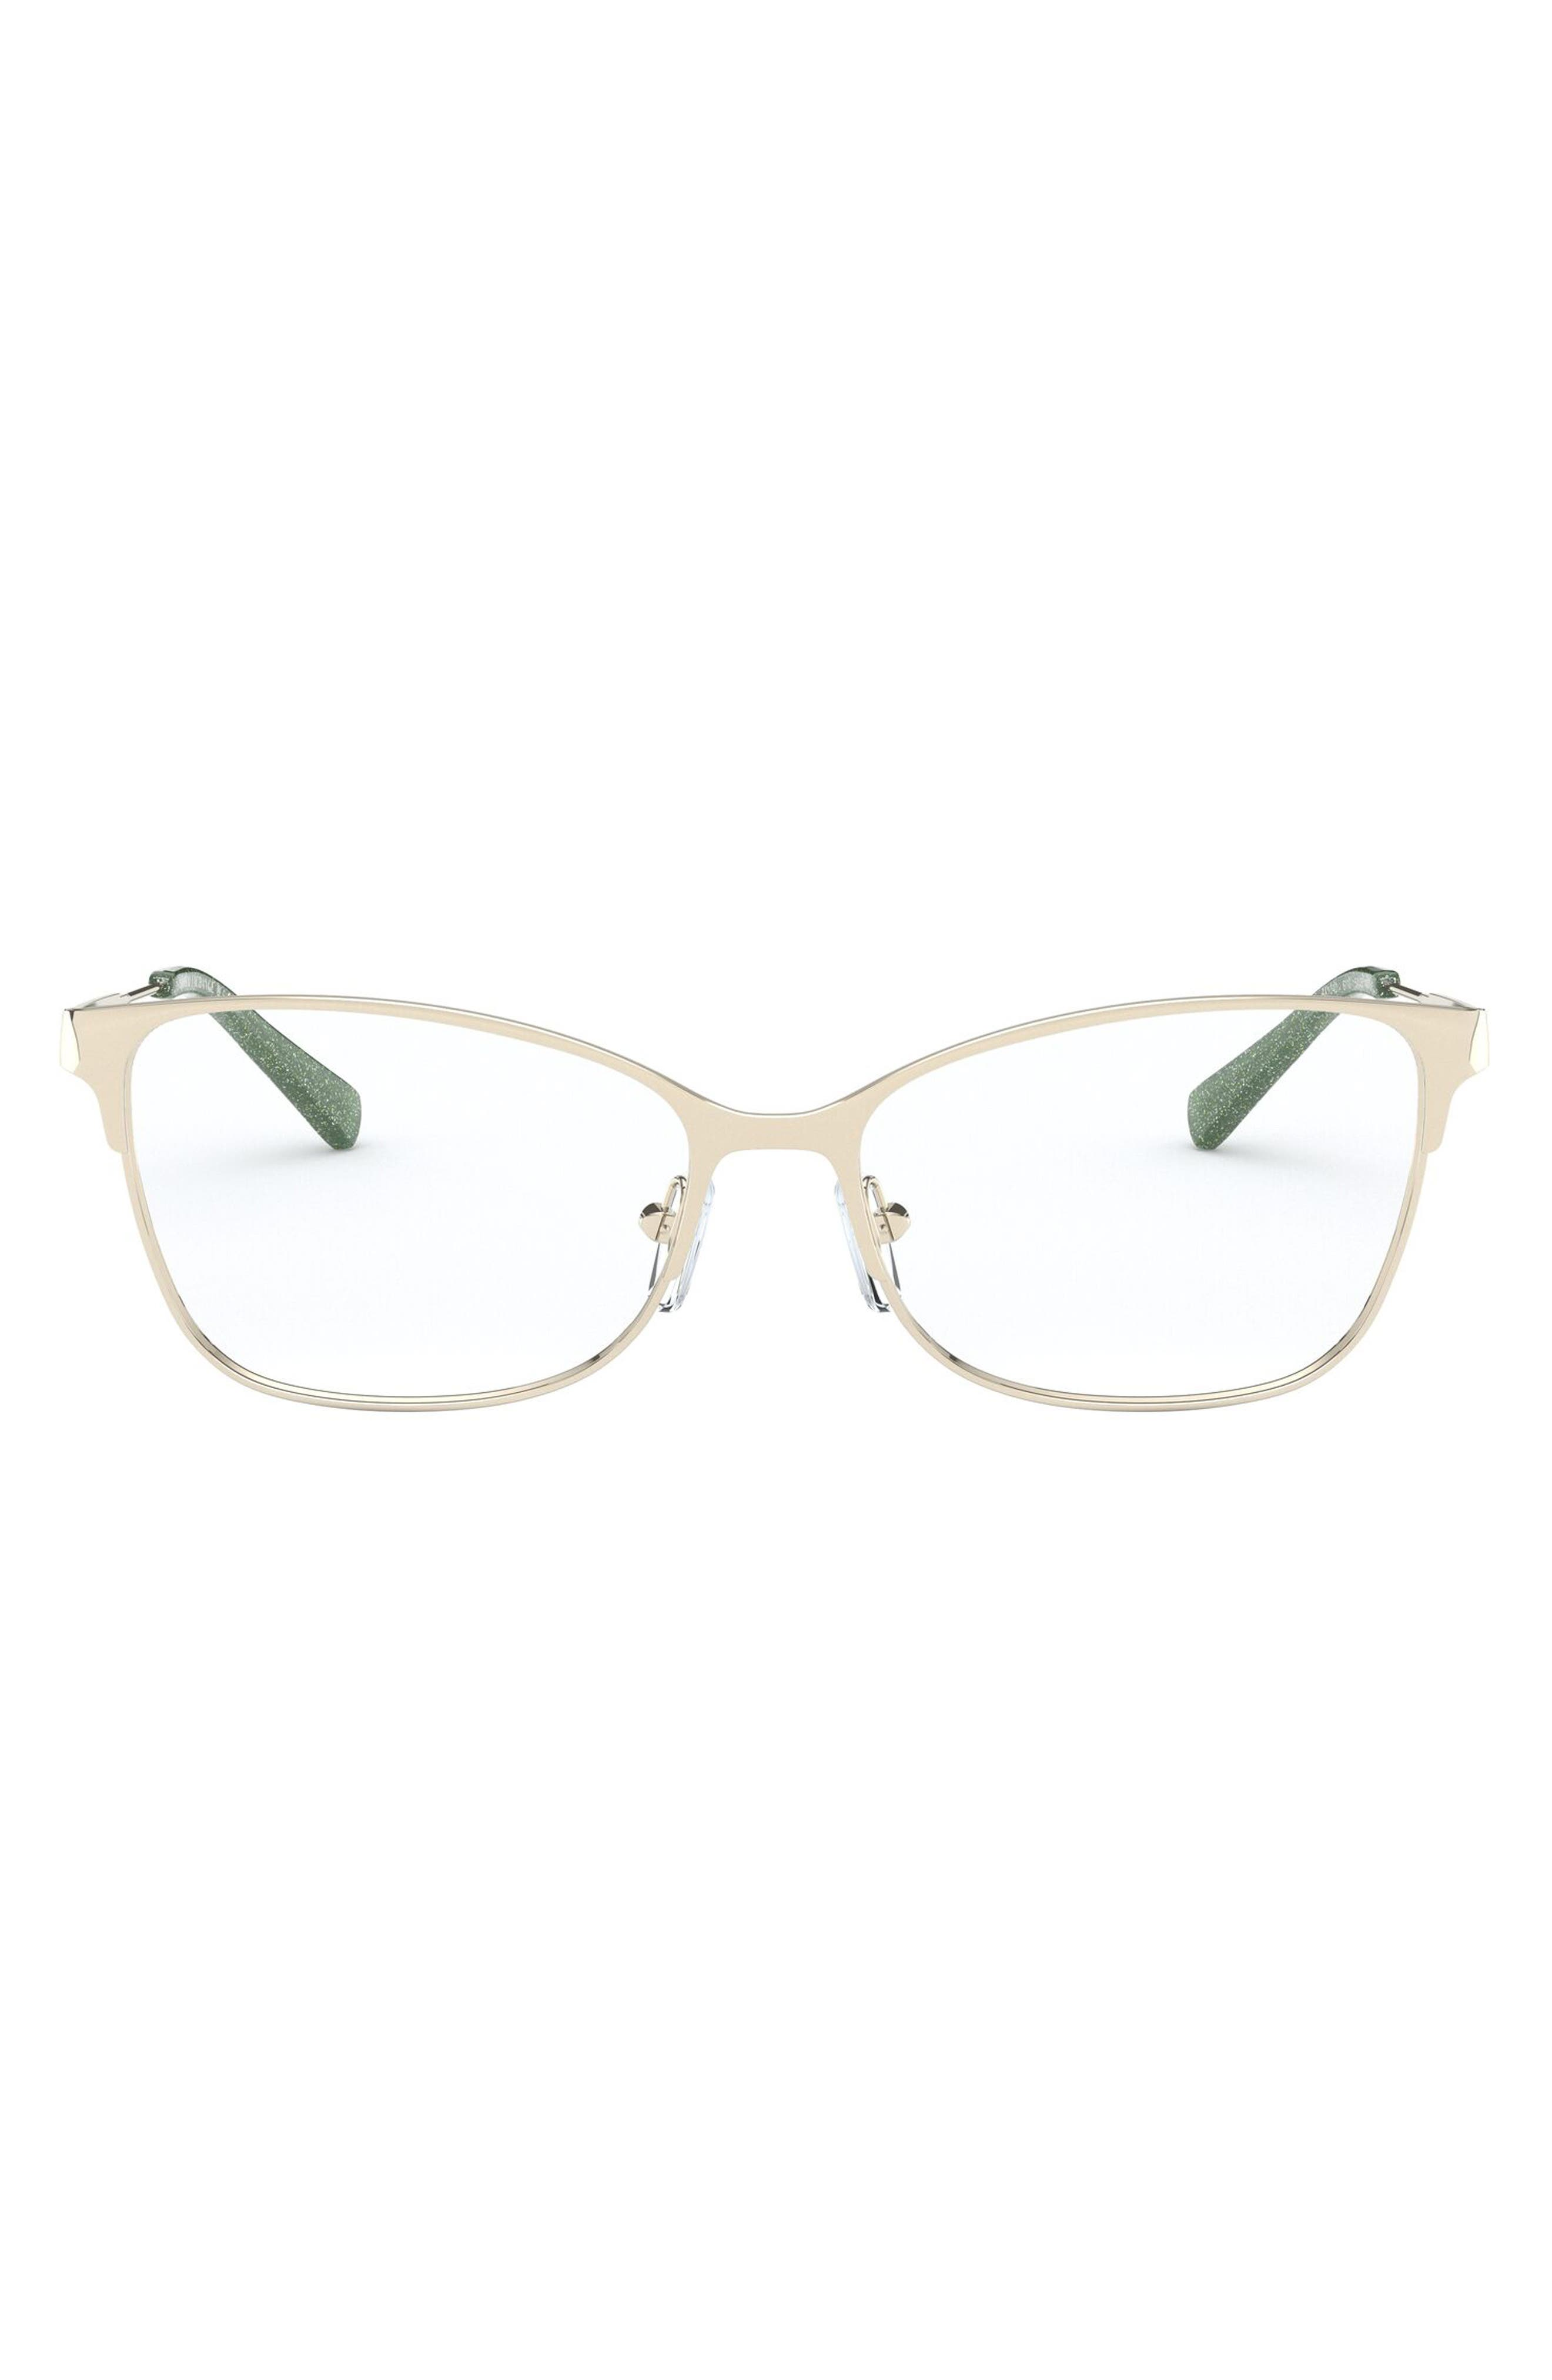 54mm Cat Eye Optical Glasses